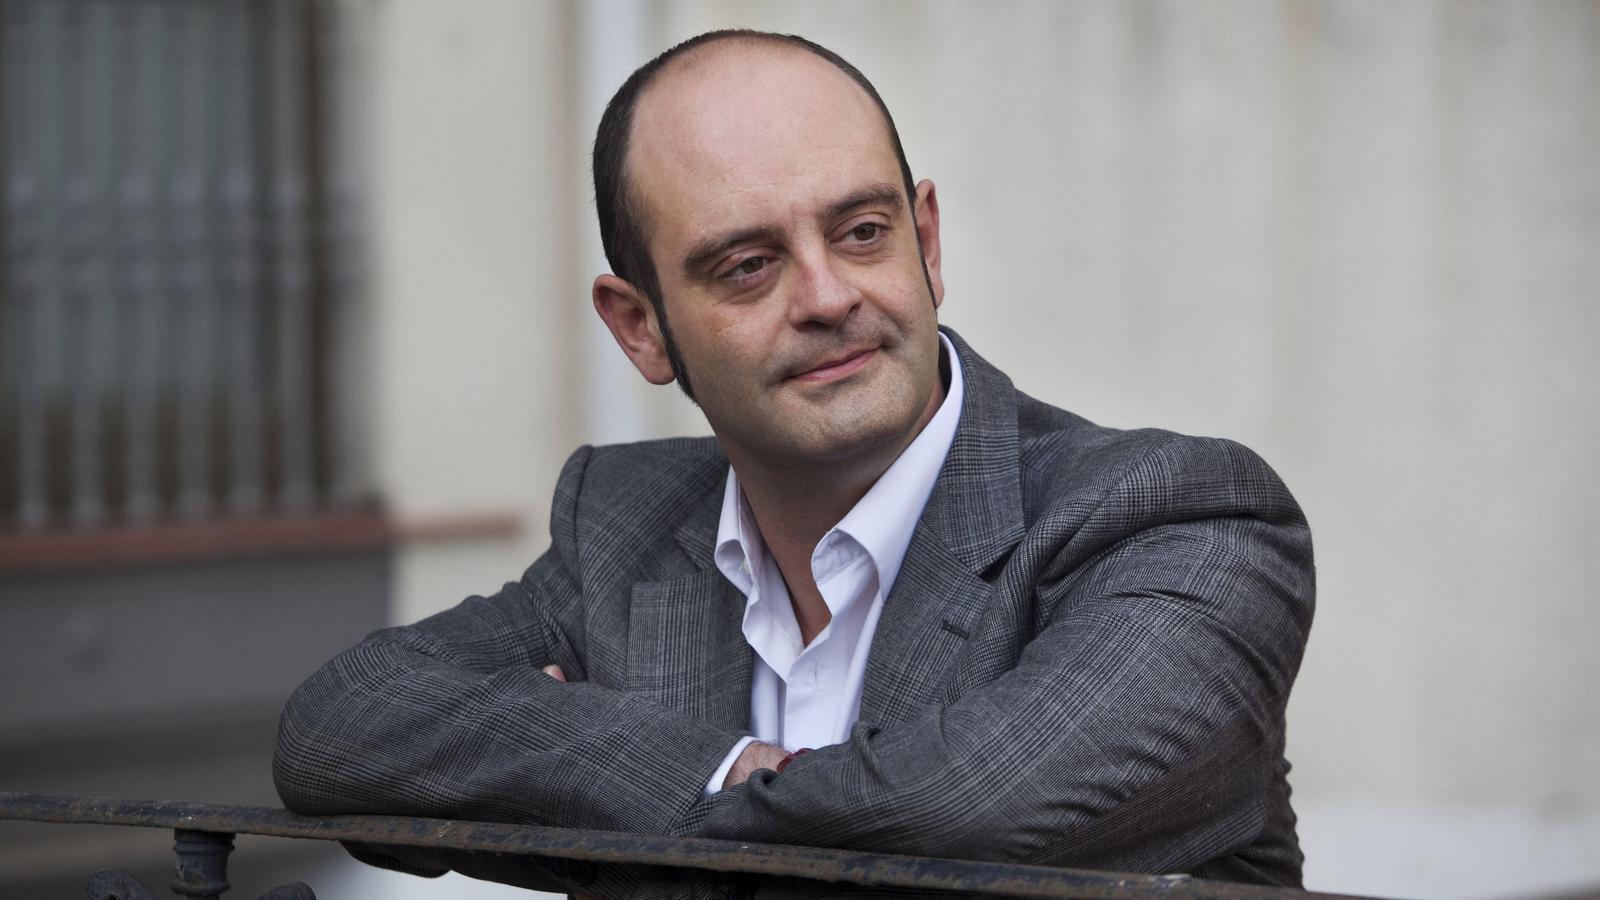 AUTOR MULTIPREMIAT Abans del Sant Jordi, Alzamora ha guanyat el premi Josep Pla, el Carles Riba, el Ciutat de Palma i els Jocs Florals.